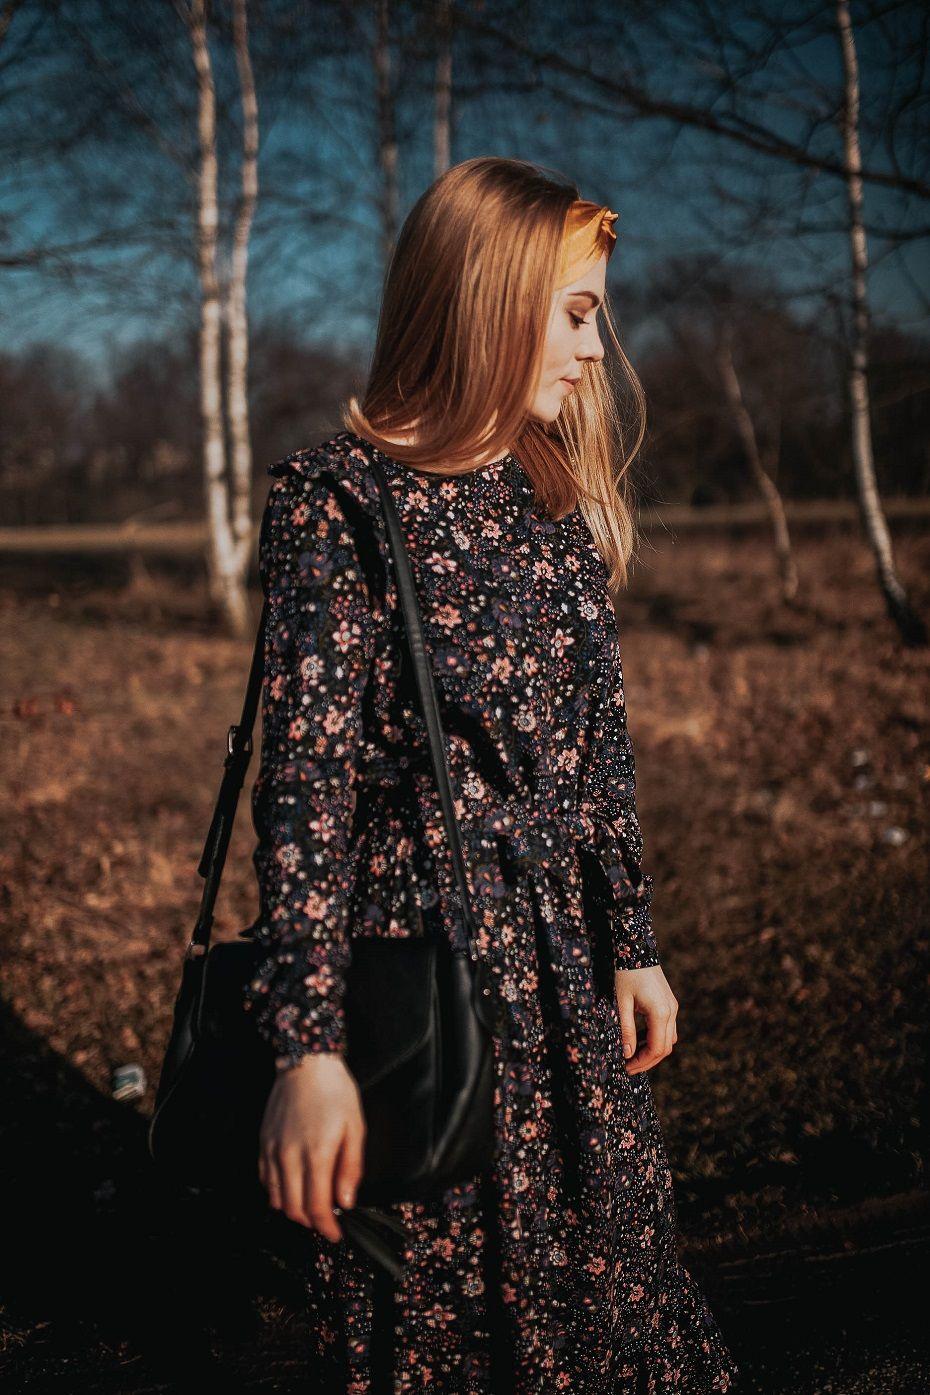 Sukienka W Kwiaty Wiosenna Stylizacja Carry Rozalia Dresses Long Sleeve Dress Dresses With Sleeves